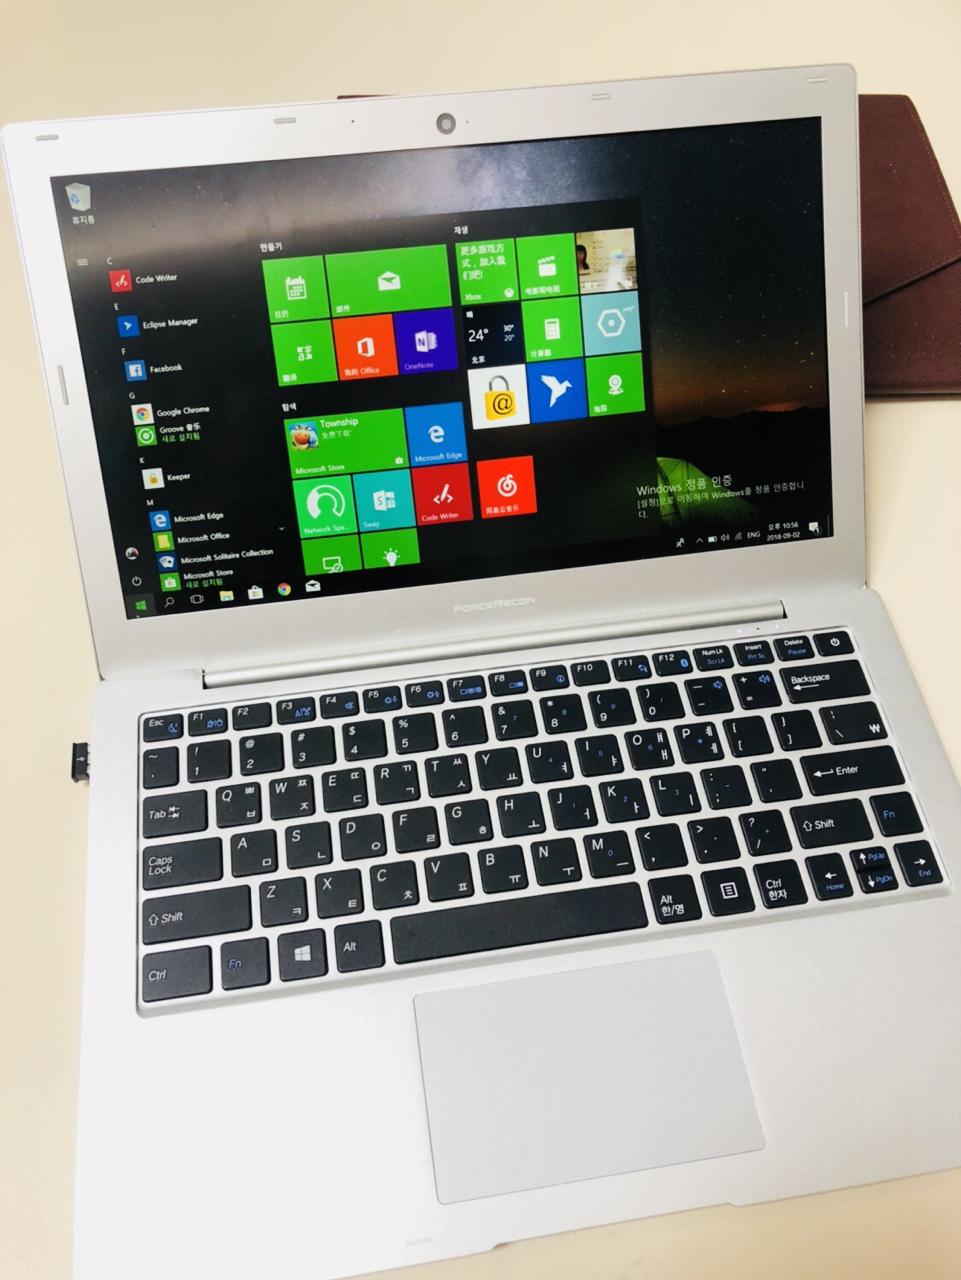 13인지 얇은 노트북 출장나 학습용 좋습니다